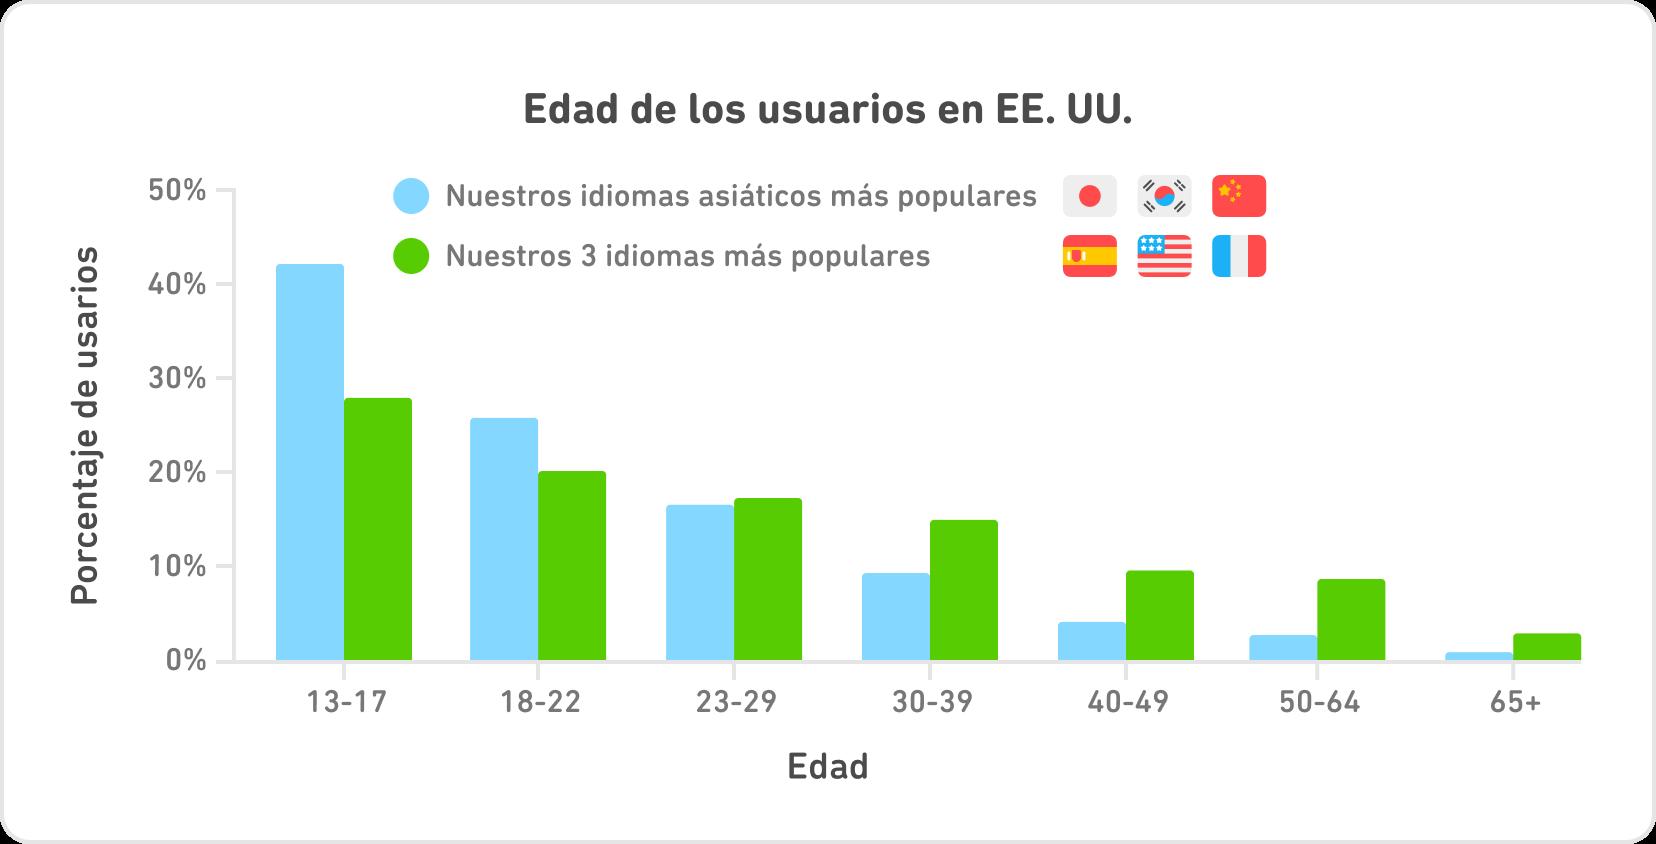 """Gráfica de barras llamada entitled """"Edad de los usuarios en EE. UU."""" En el eje horizontal hay siete grupos de edad: 13-17, 18-22, 23-29, 30-39, 40-49, 50-64, y más de 65. En el eje vertical están los porcentajes de usuarios, y los rangos van de 0 % a 50 %. Para cada grupo de edad, hay una barra azul y una verde. Las barras azules representan  """"Nuestros idiomas asiáticos más populares"""", japonés, coreano, y chino. Las barras verdes representan """"Nuestros tres idiomas más populares"""", español, inglés, y francés."""